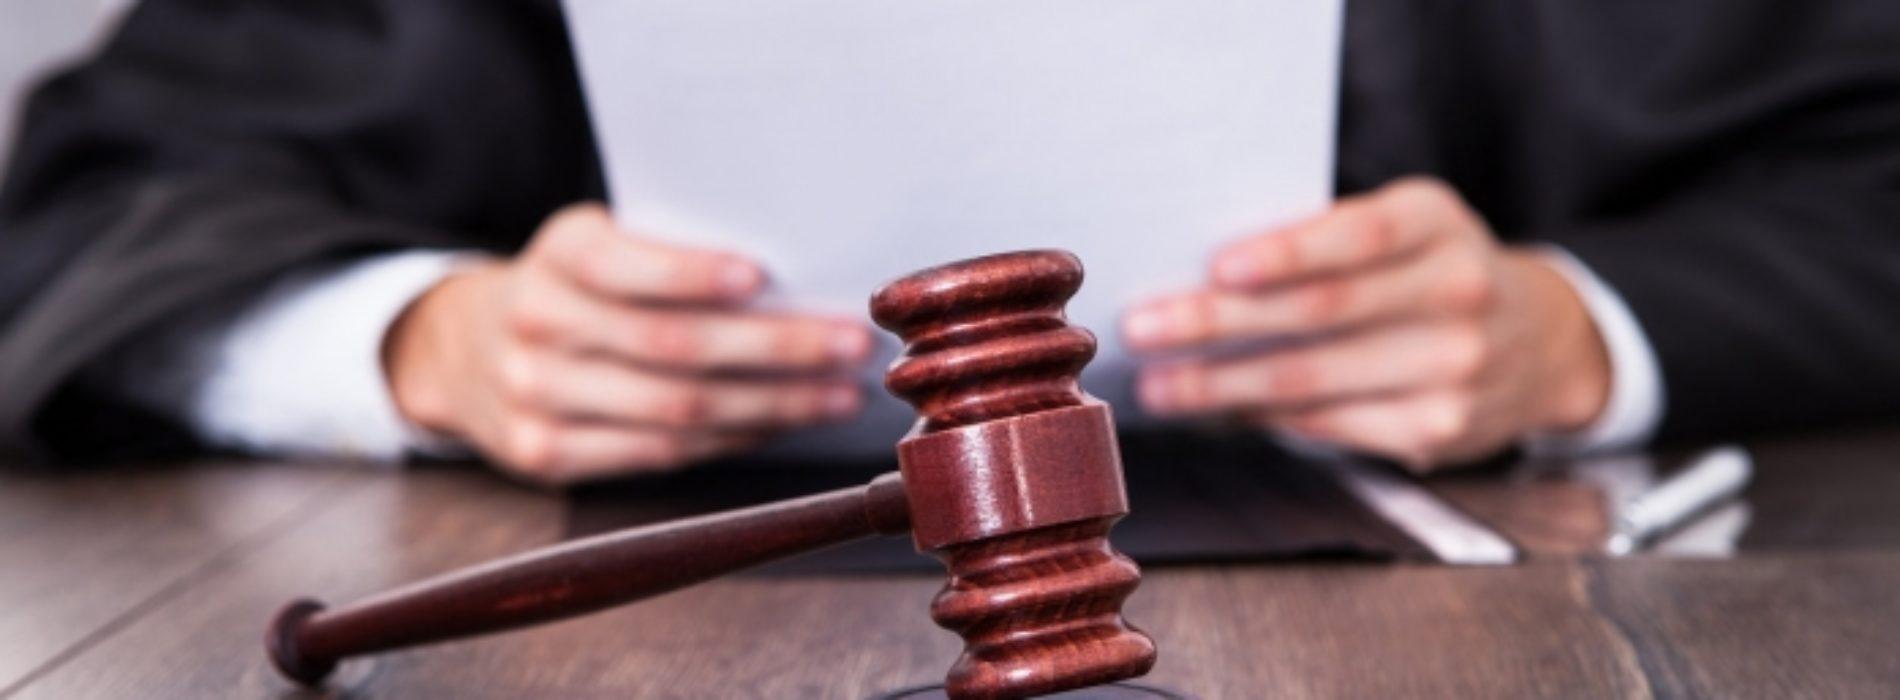 Замакима области и ряд чиновников в сфере образования осуждены за хищения и взятки